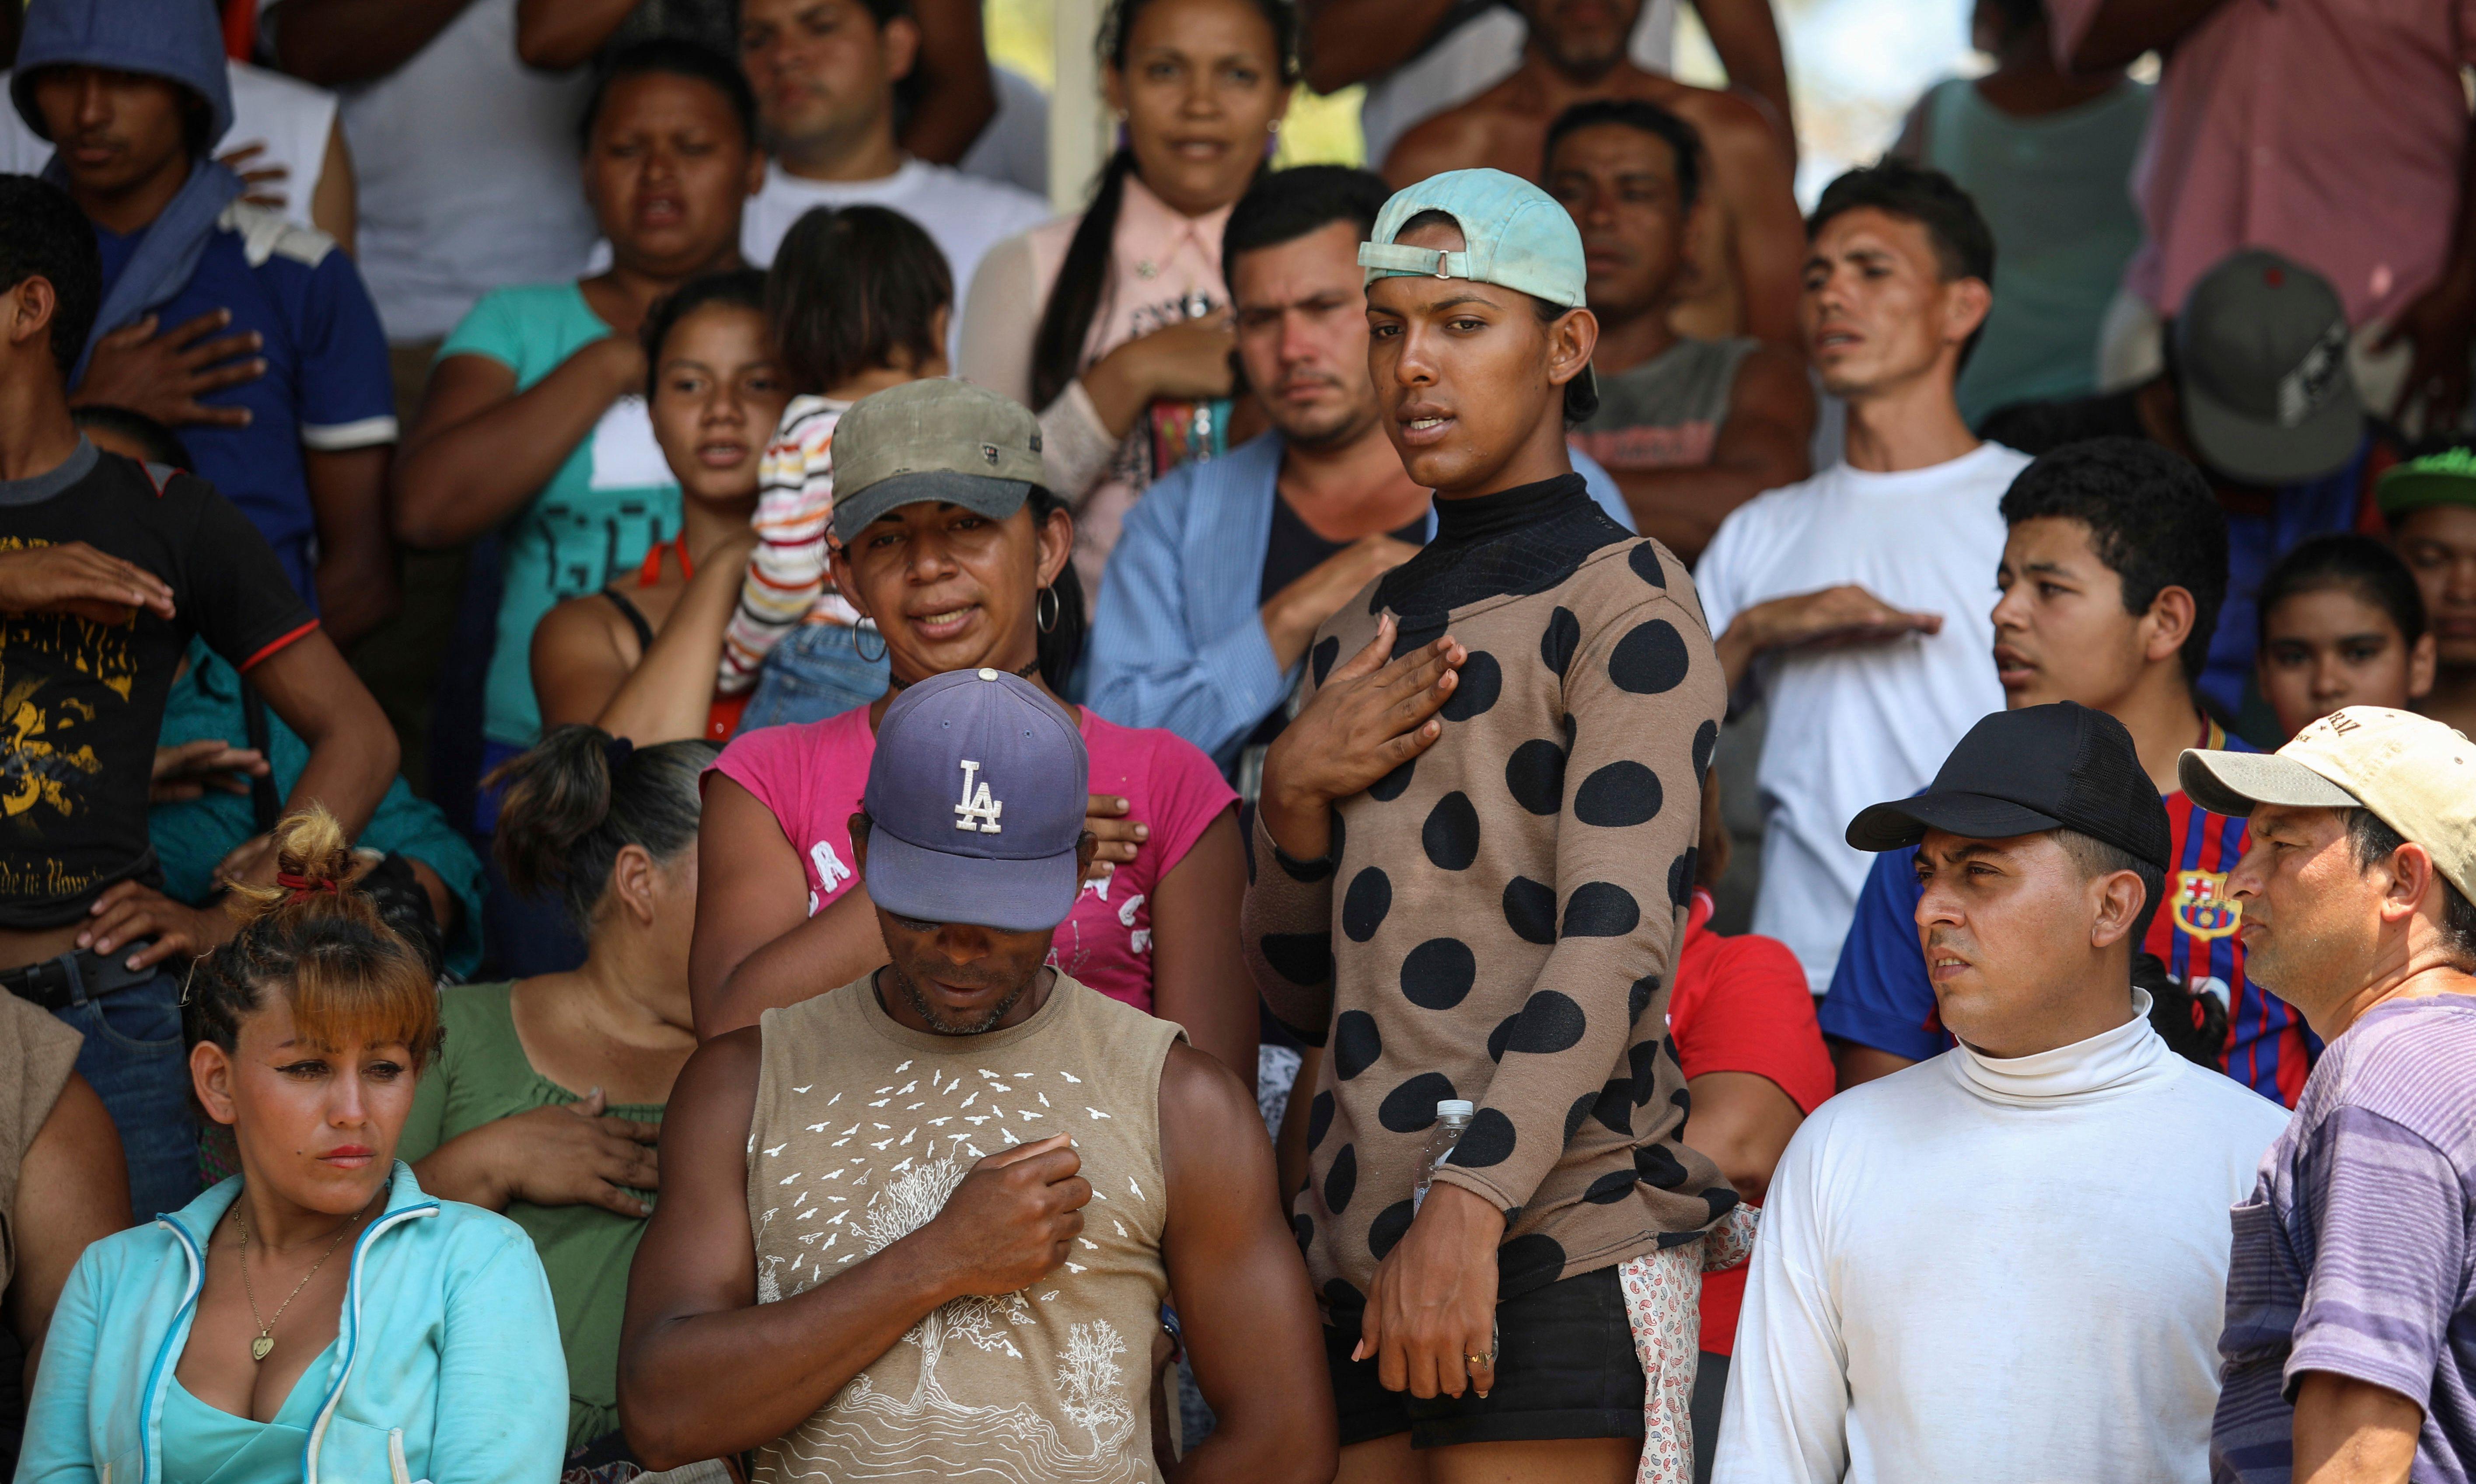 Caravana de migrantes está detenida en el sur de México